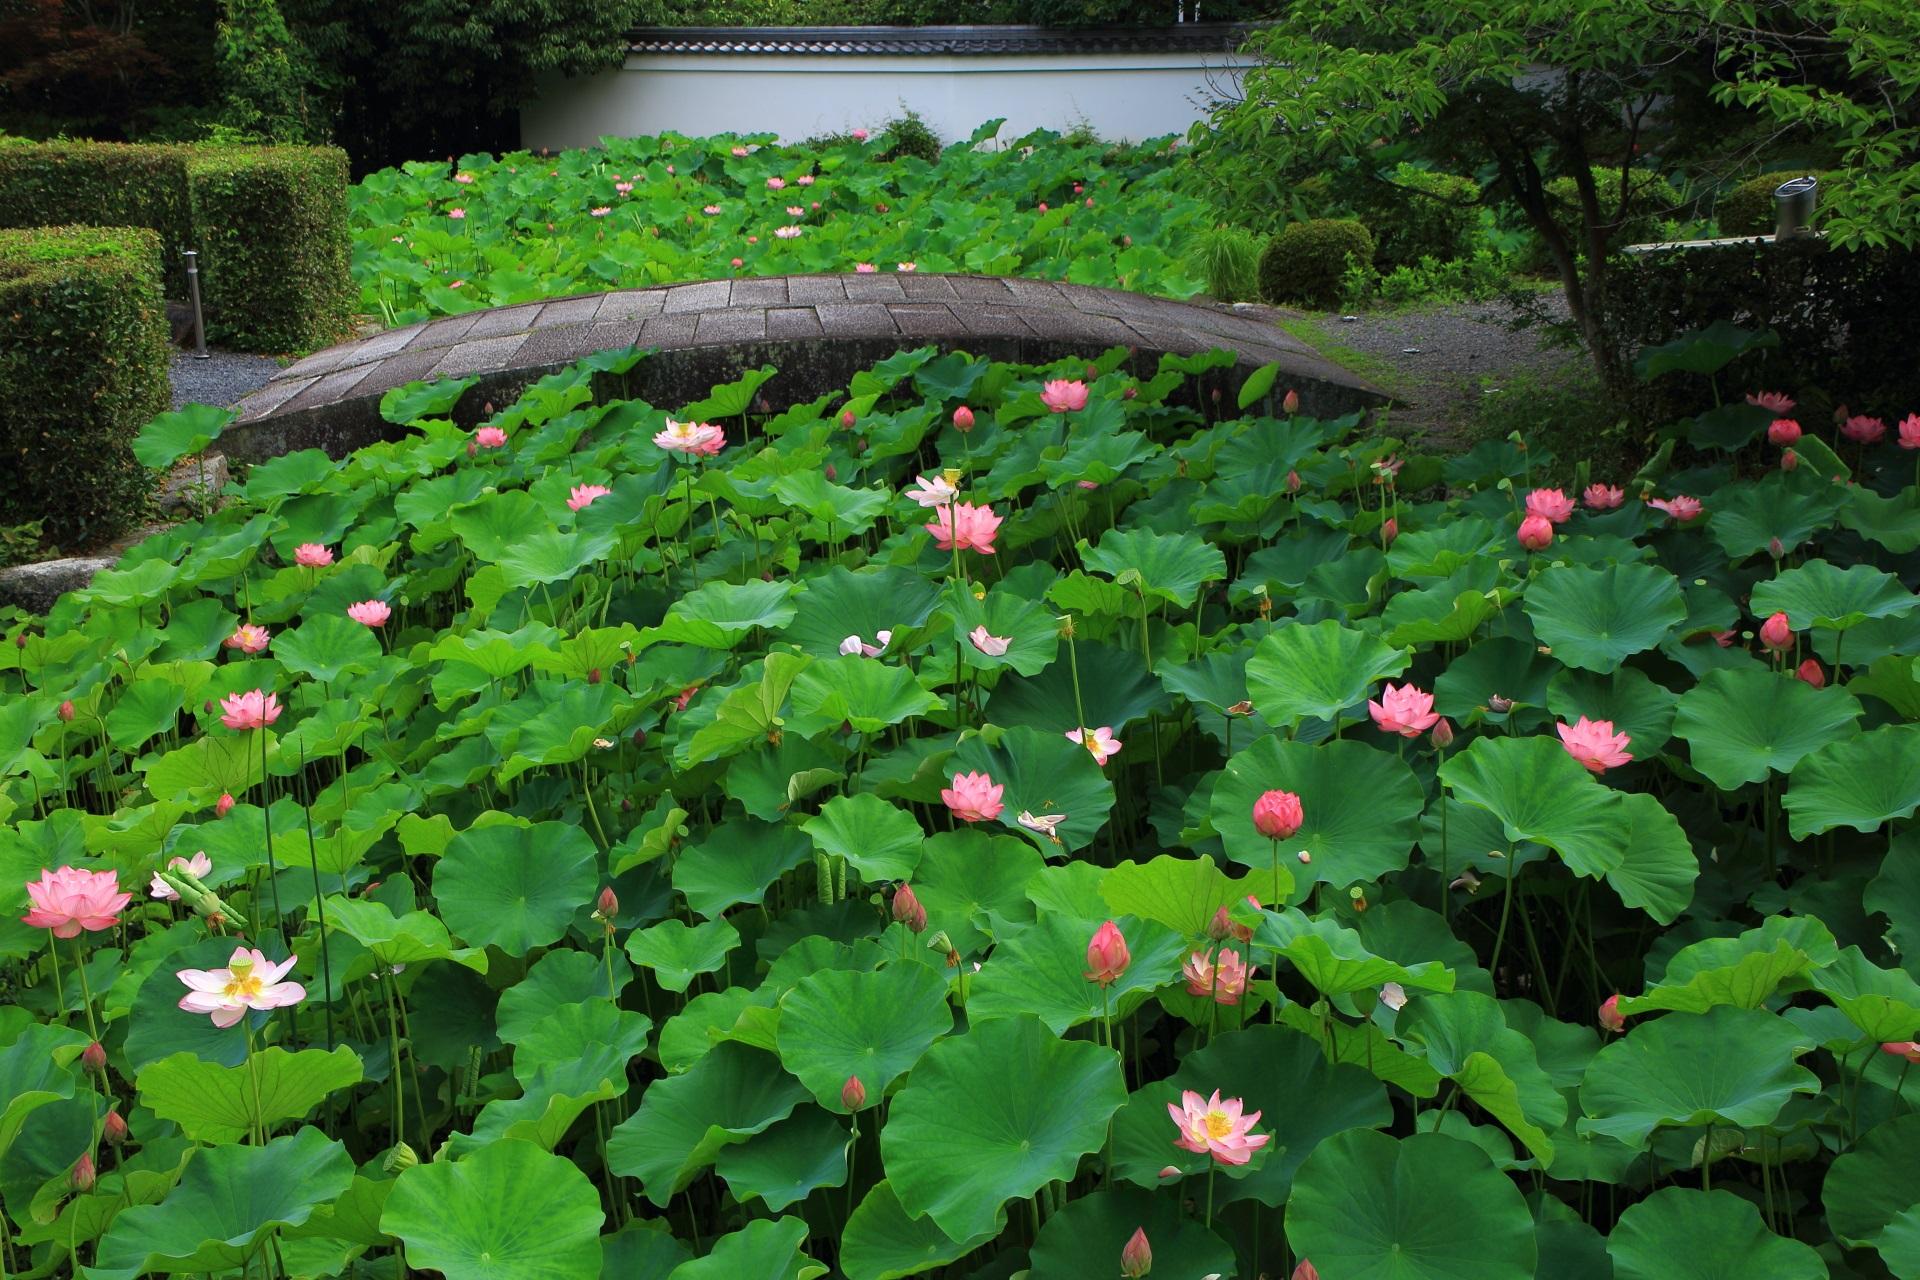 南禅寺の素晴らしい蓮の花と夏の情景